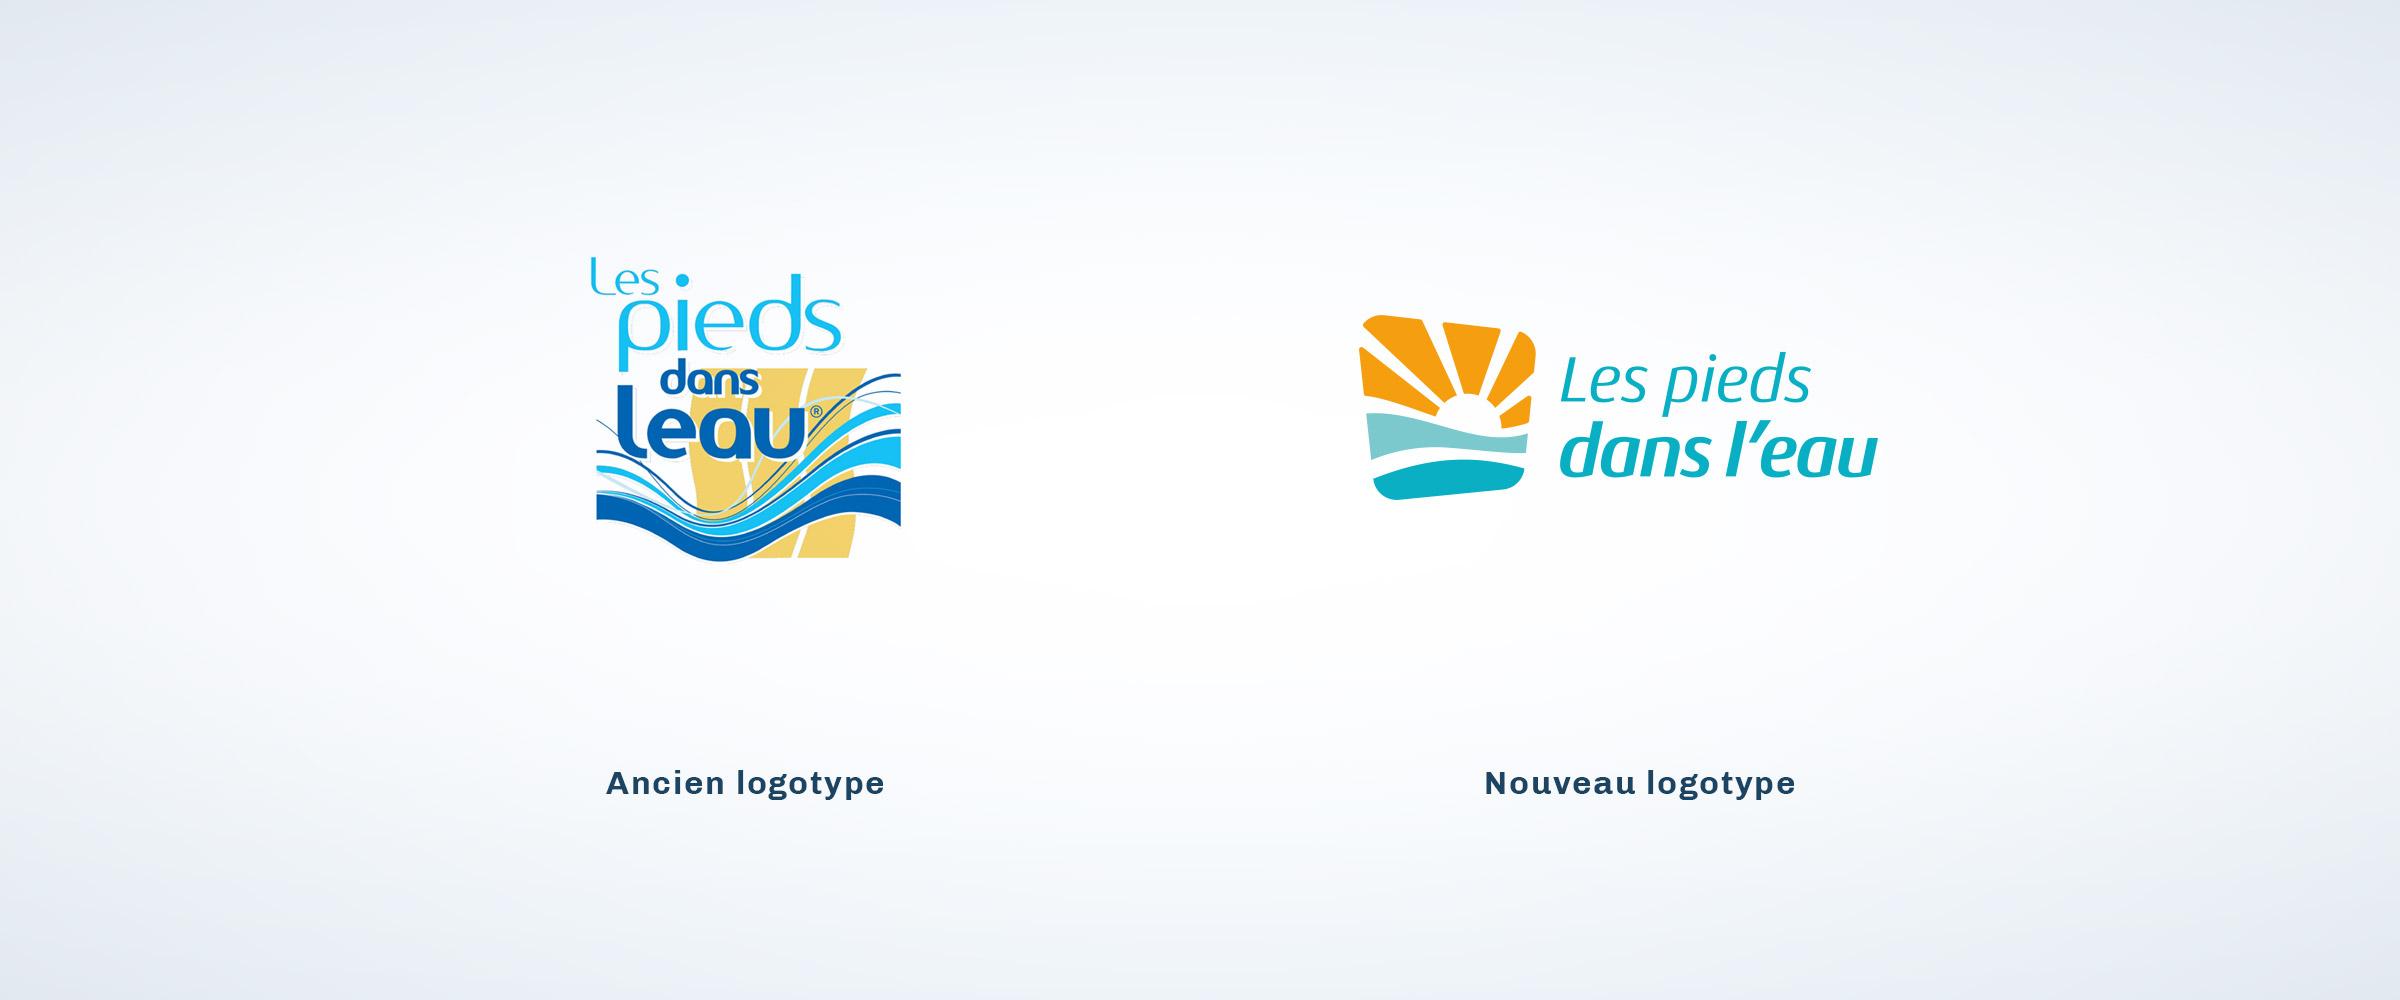 Les pieds dans l'eau ancien logotype nouveau logotype